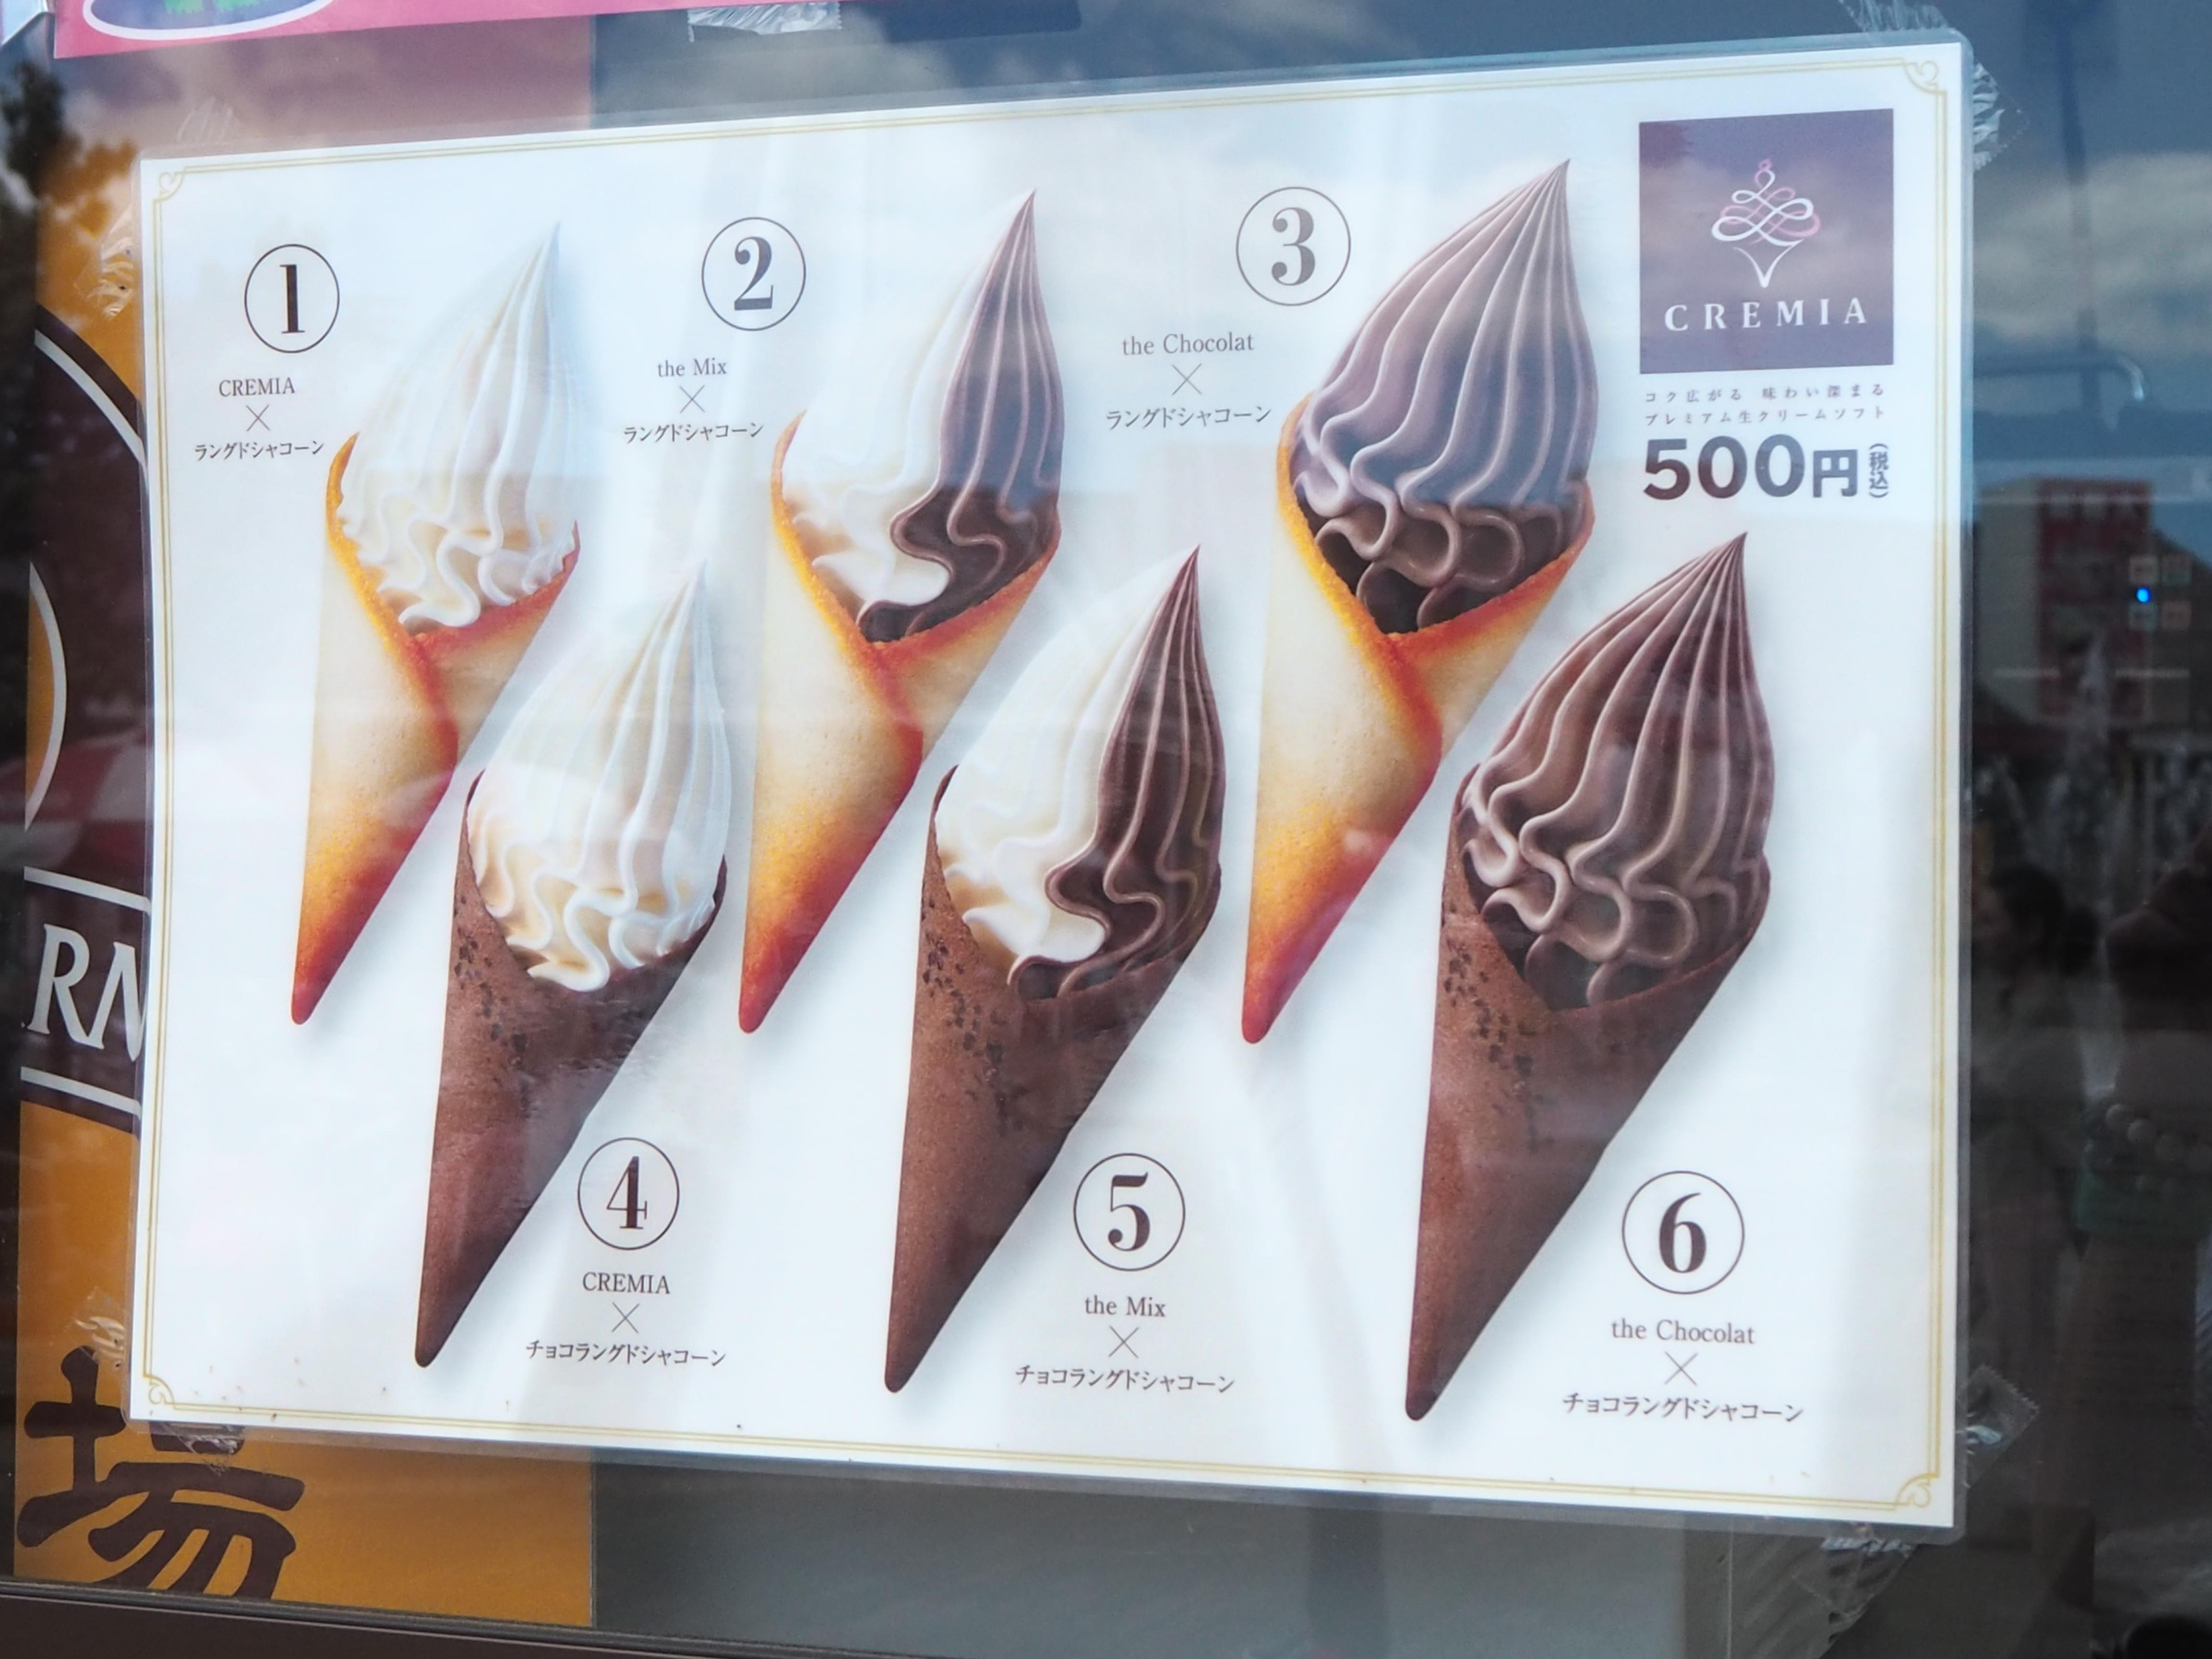 ソフトクリーム メニュー2